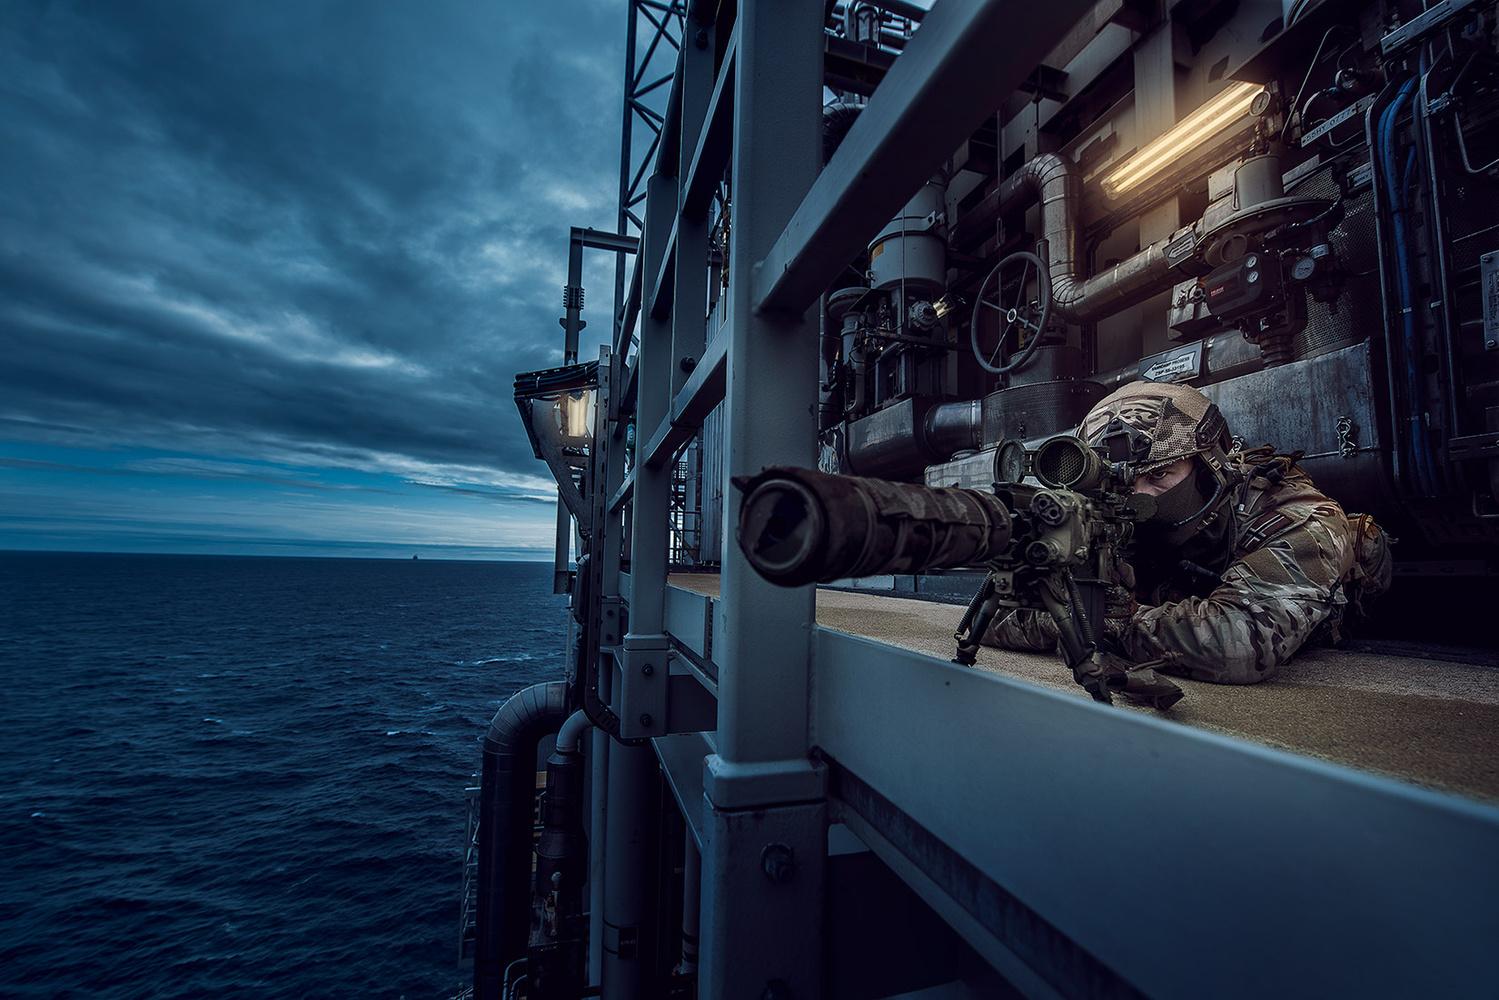 Oilrig Sniper by Vegard Breie